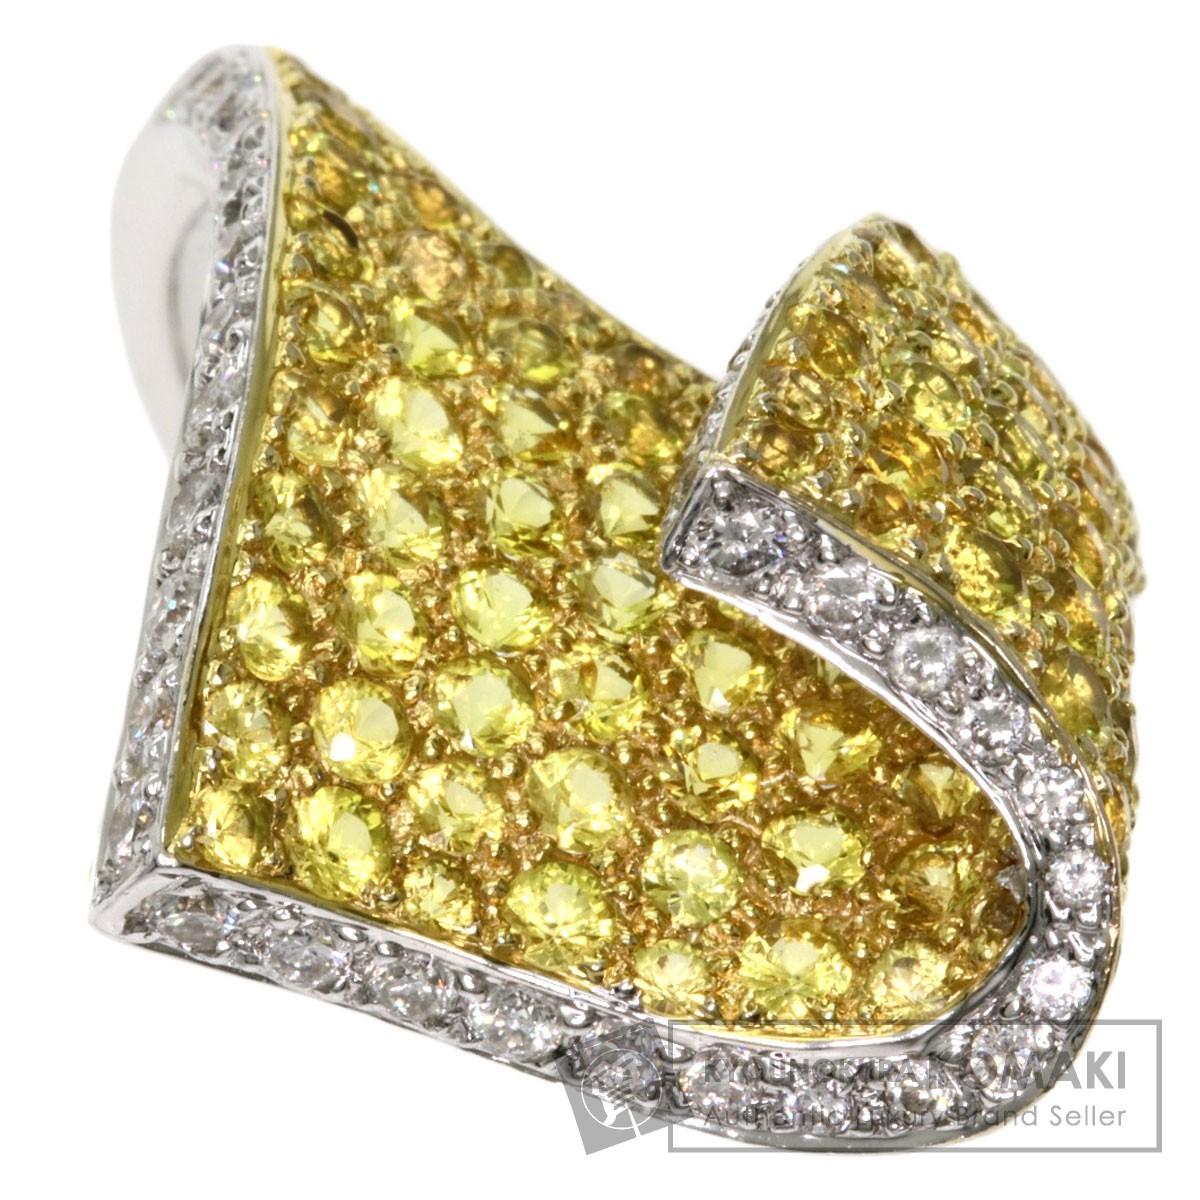 イエローサファイア ダイヤモンド リング・指輪 K18ホワイトゴールド レディース 【中古】